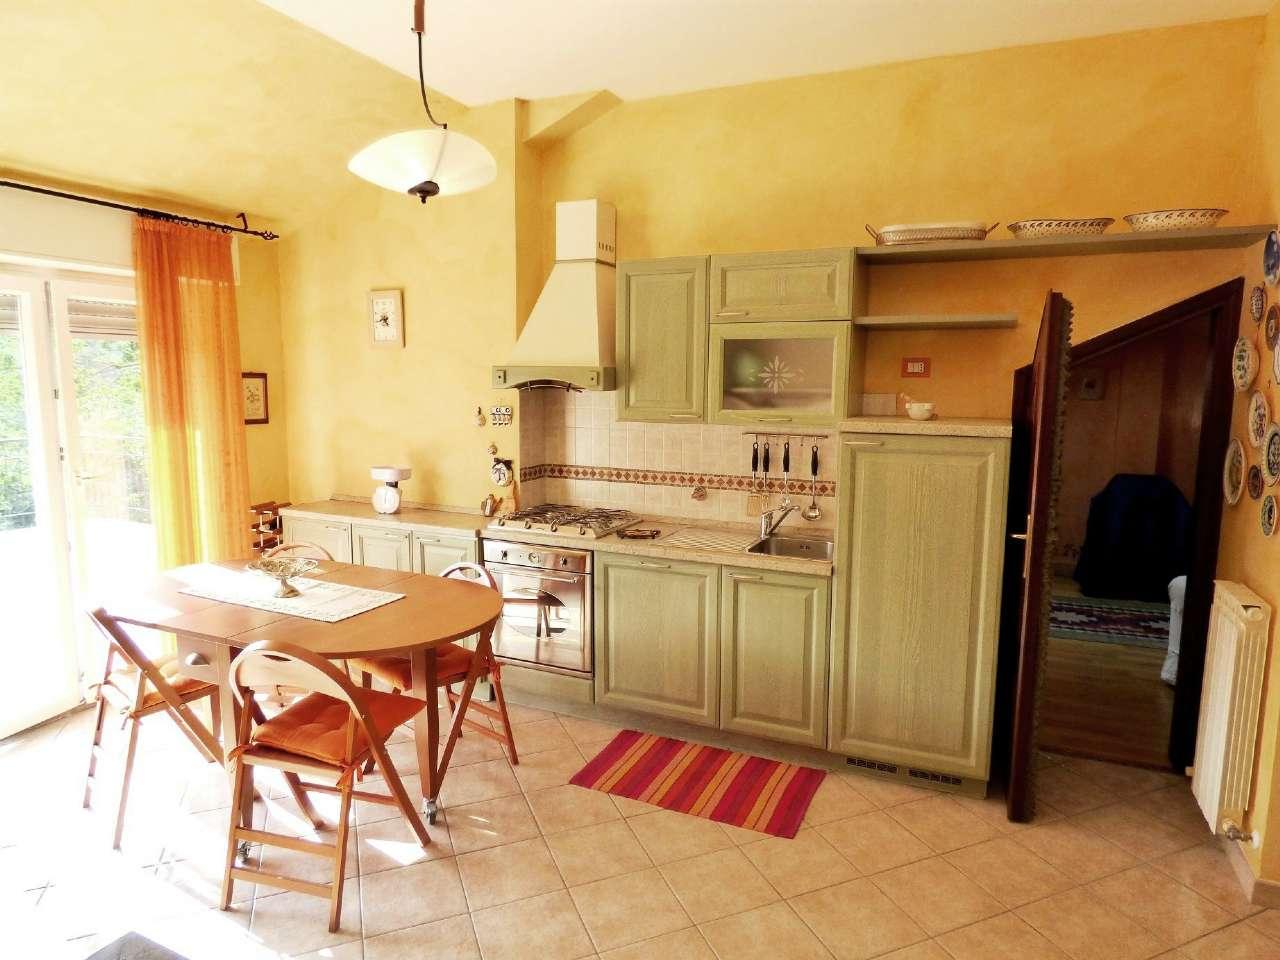 Appartamento in vendita a Moconesi, 4 locali, prezzo € 84.000 | CambioCasa.it